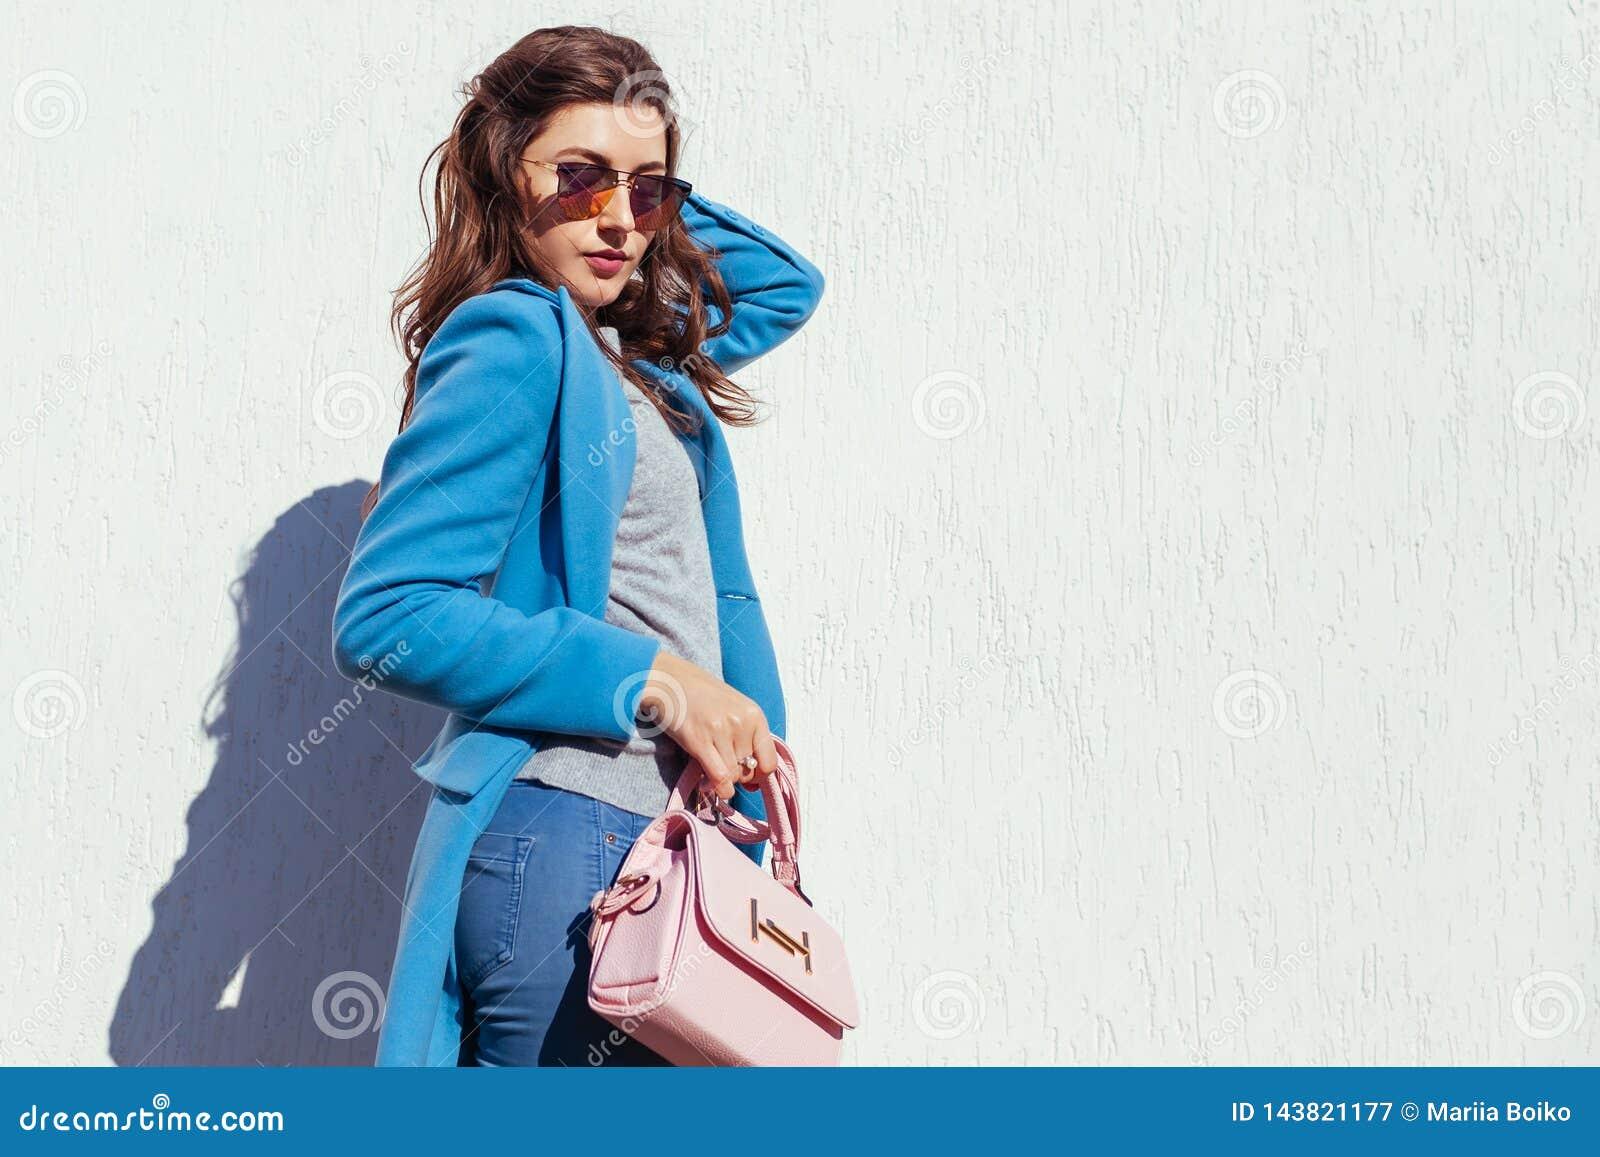 Junge Frau, die stilvolle Handtasche h?lt und modischen blauen Mantel tr?gt Fr?hlingsfrauenkleider und -zus?tze Art und Weise